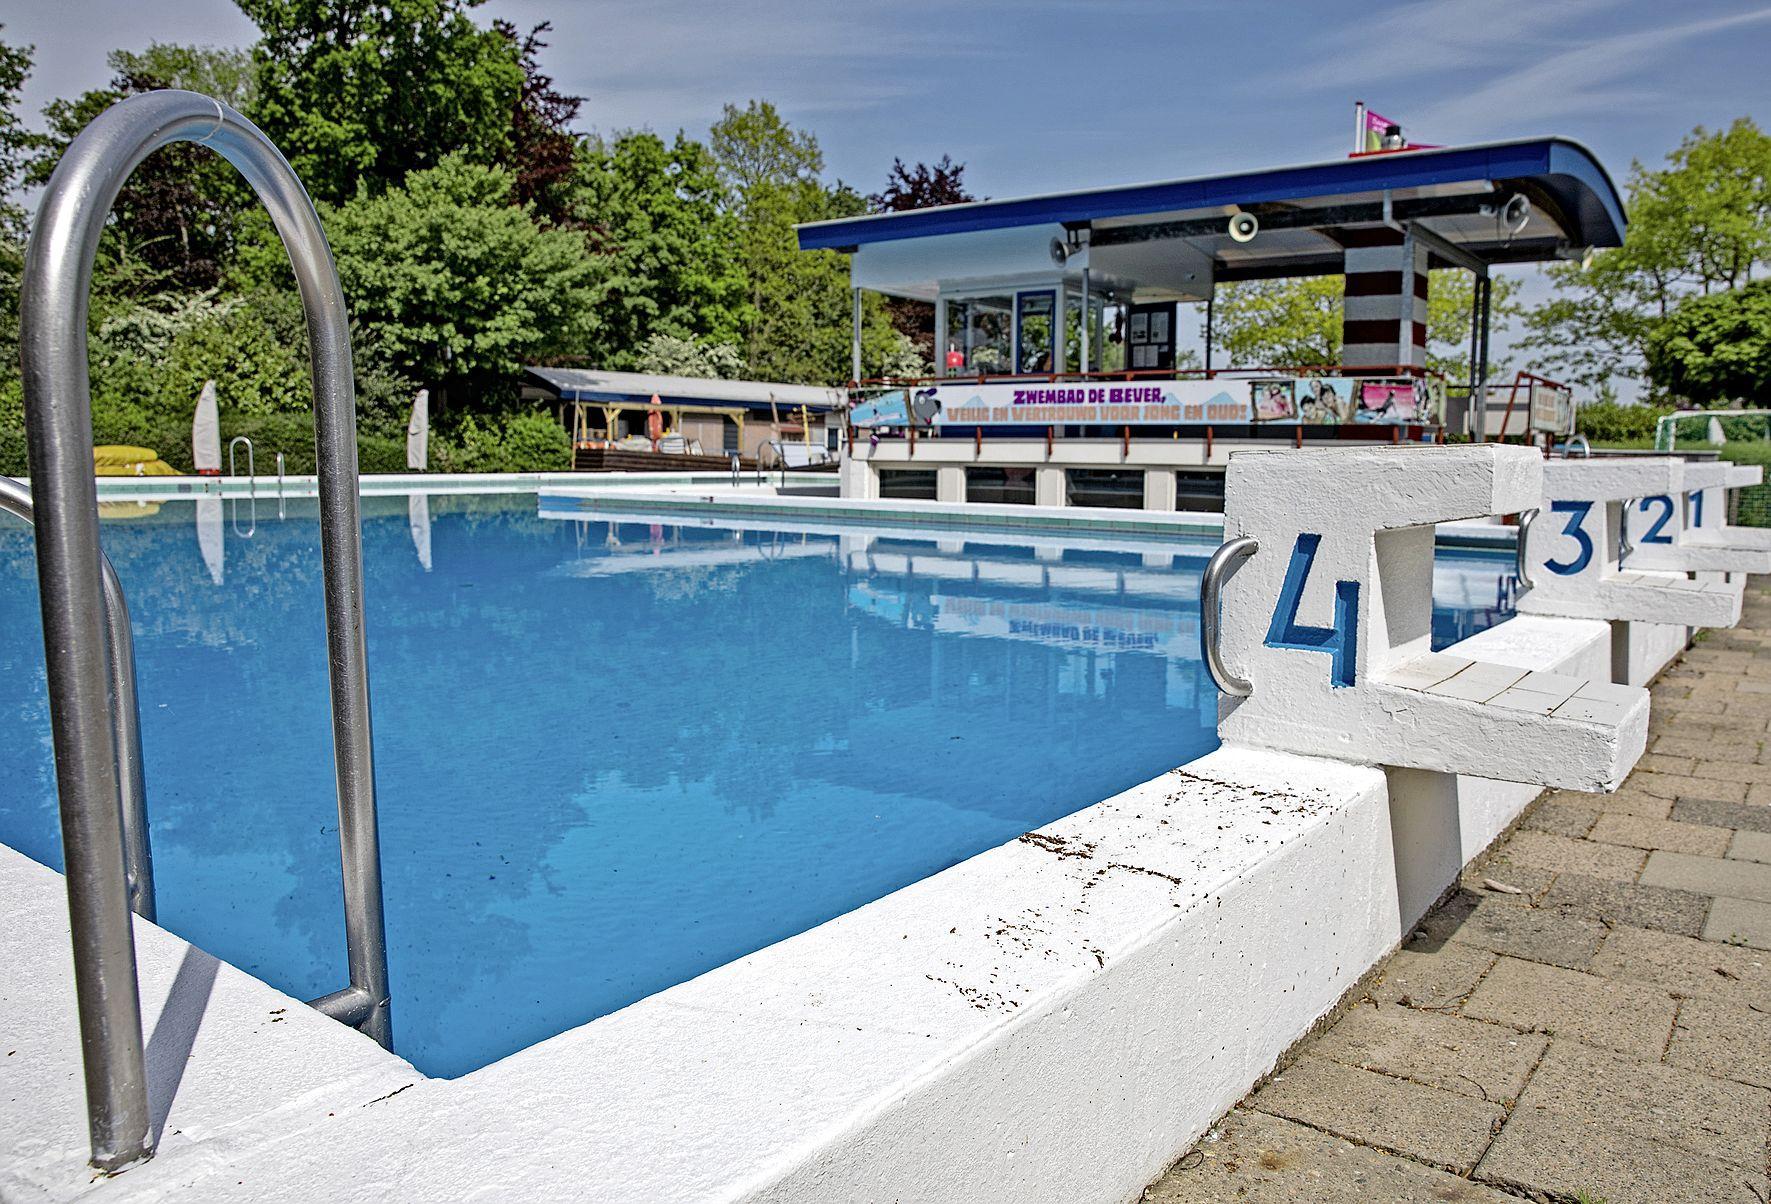 Ton moet zwembad De Bever in Sint Pancras helpen verduurzamen